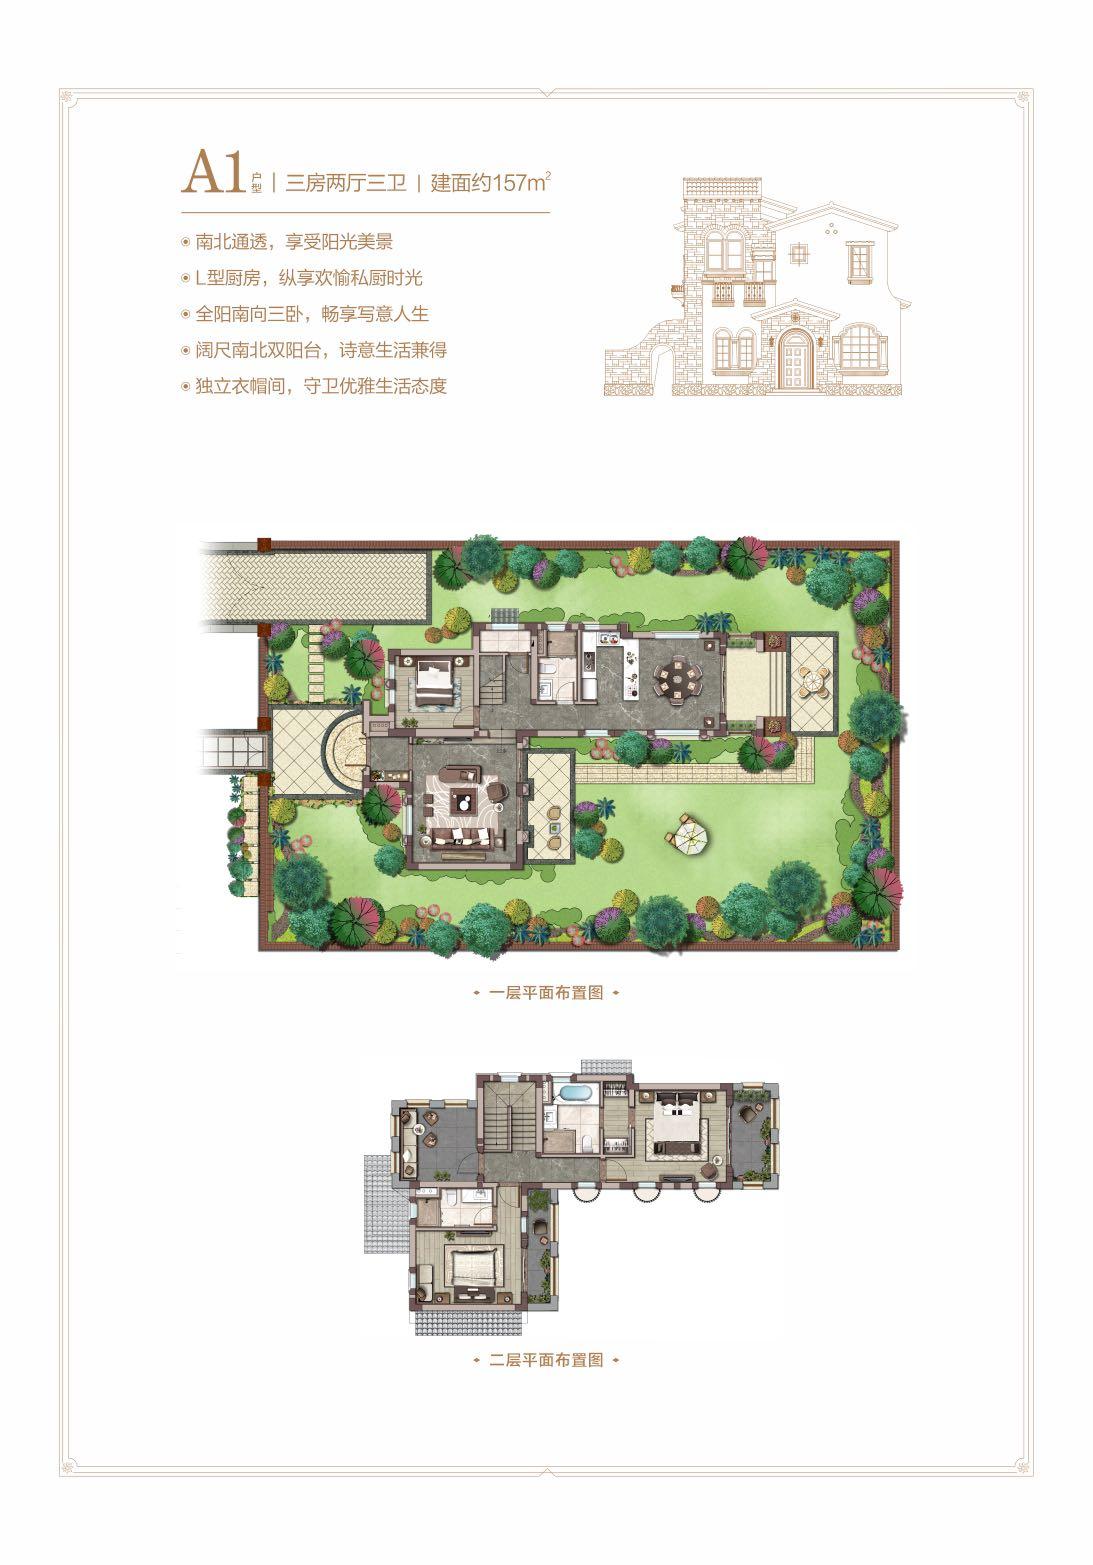 中海神州半岛3房2厅3卫 (建筑面积:157.00㎡)